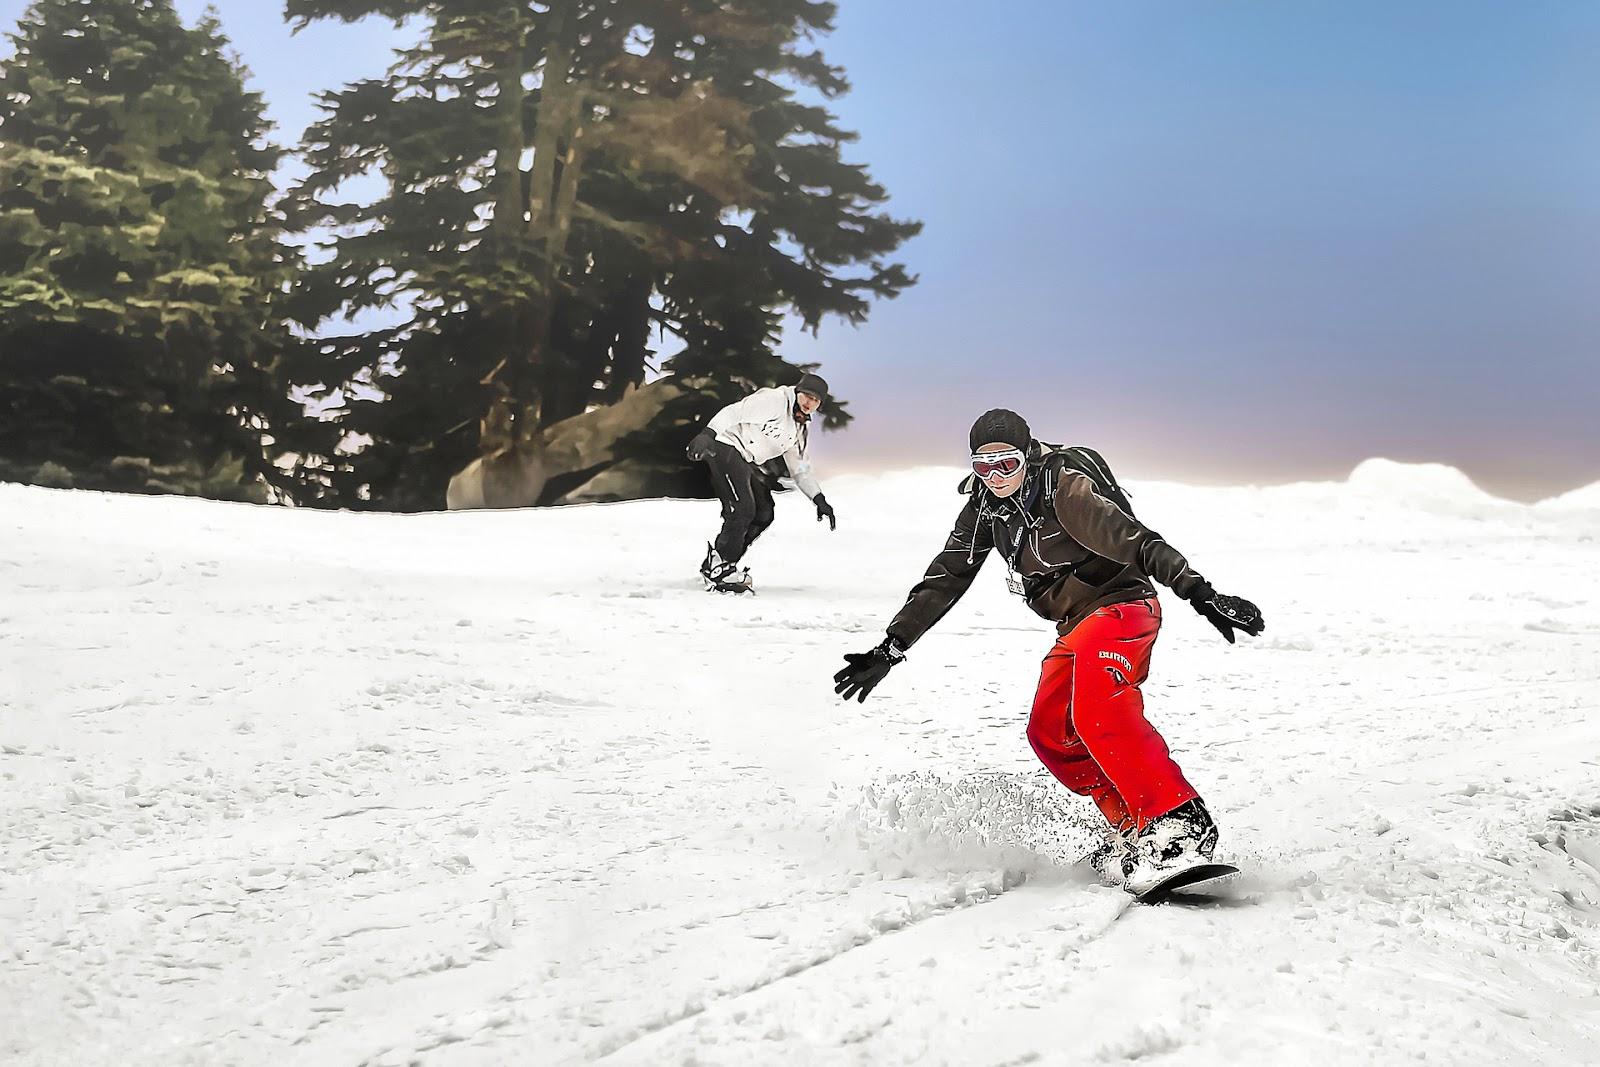 Trang phục và thiết bị phù hợp rất quan trọng đối với người trượt tuyết